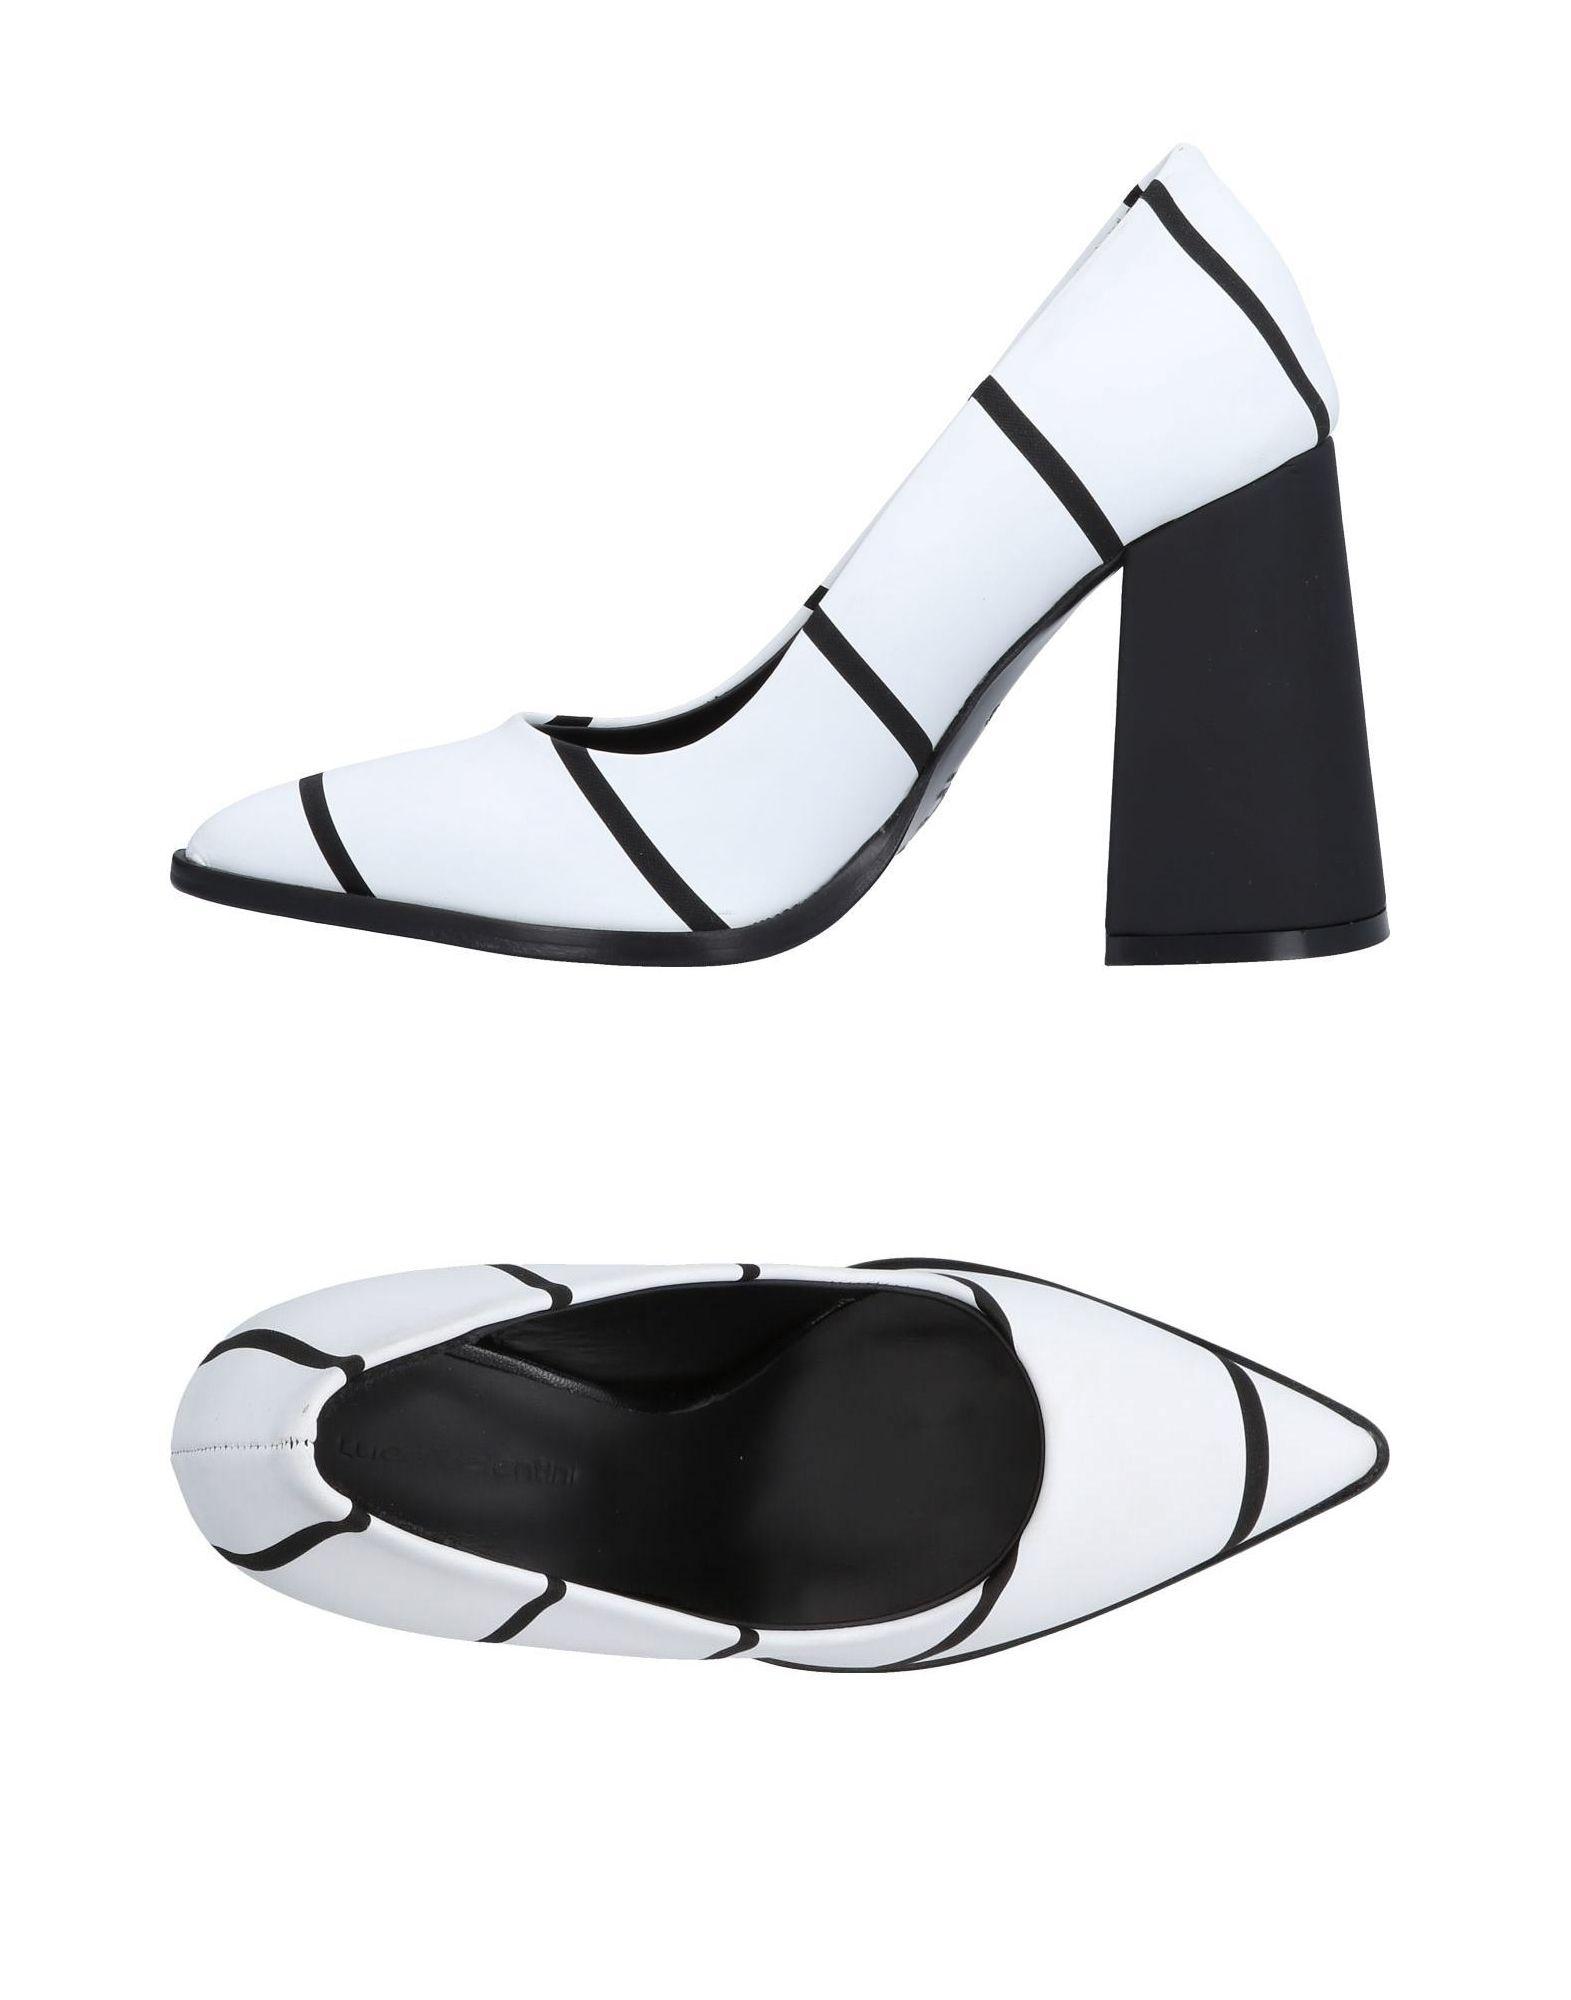 Luca Damen Valentini Pumps Damen Luca  11498844BG Gute Qualität beliebte Schuhe fa7e60